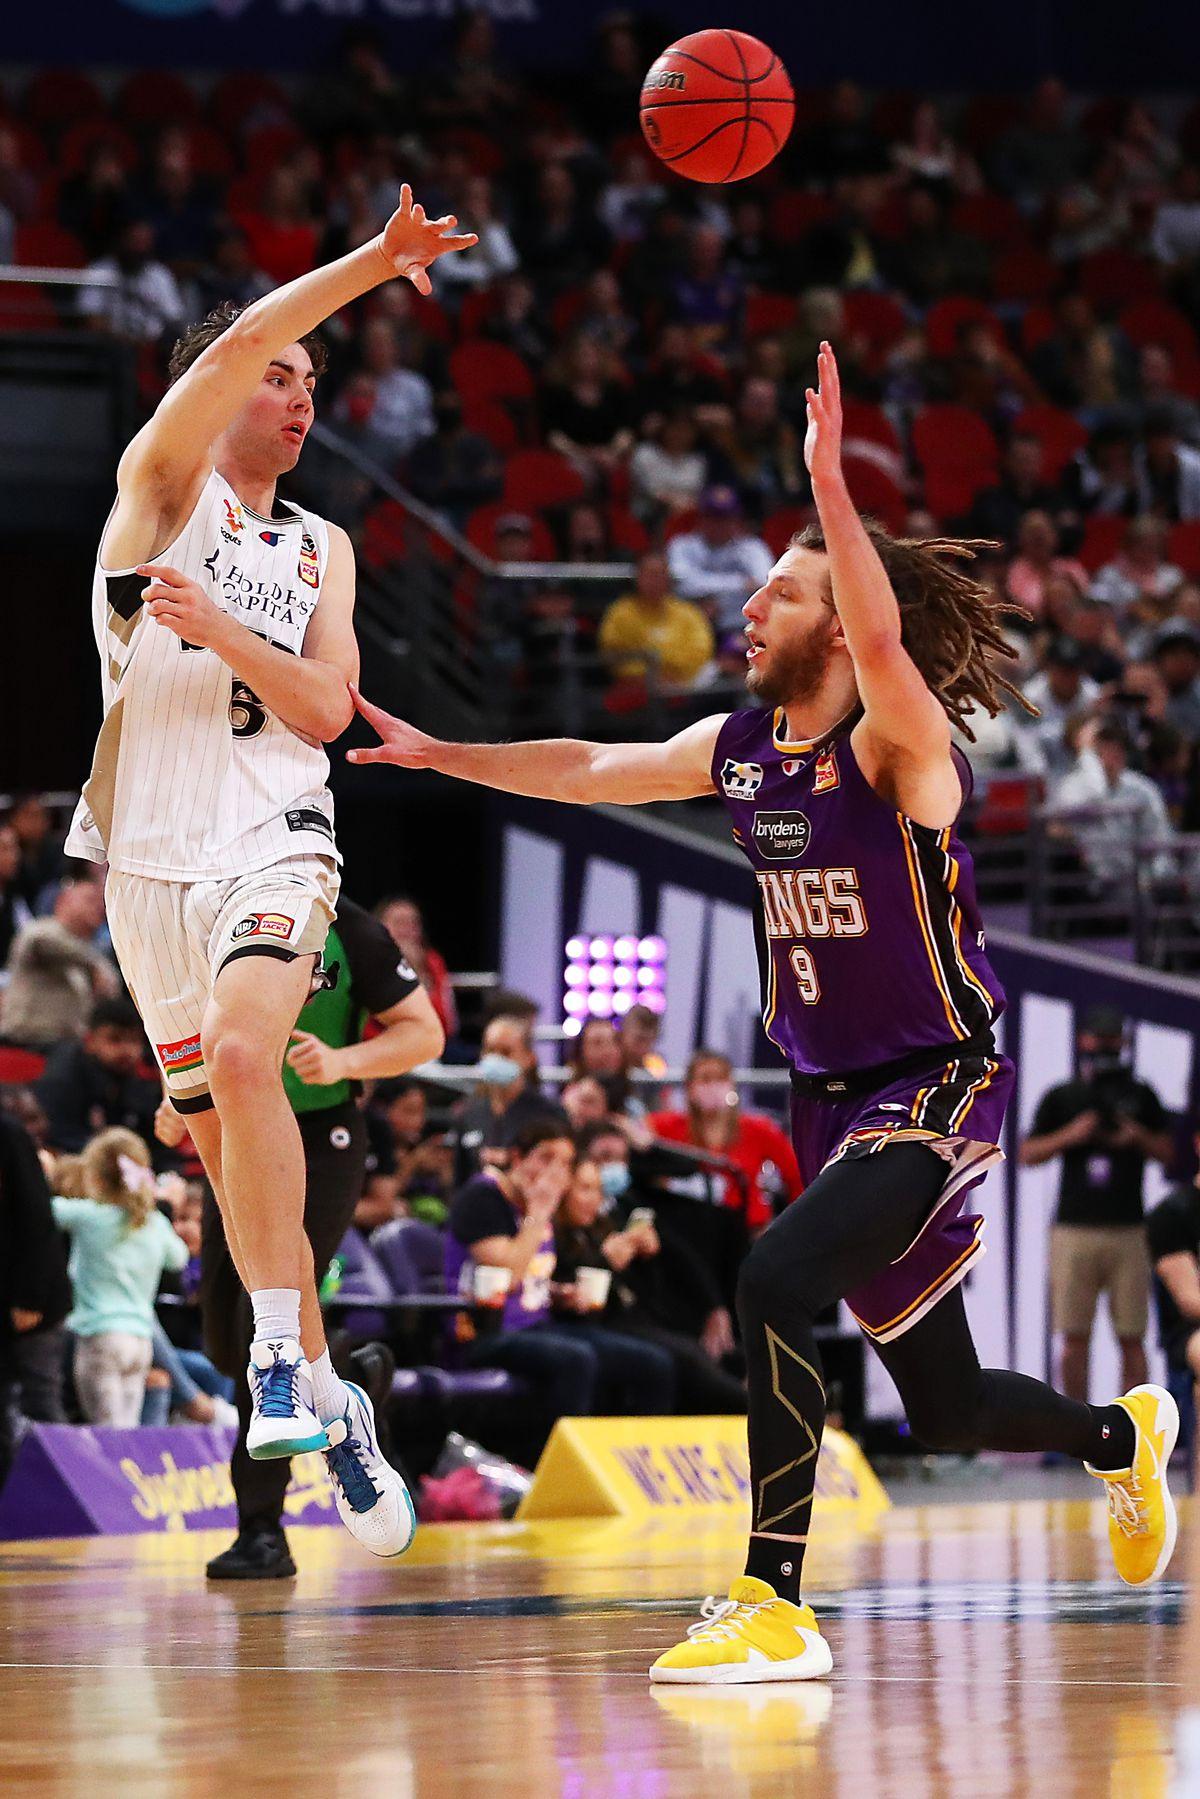 NBL Rd 18 - Sydney v Adelaide